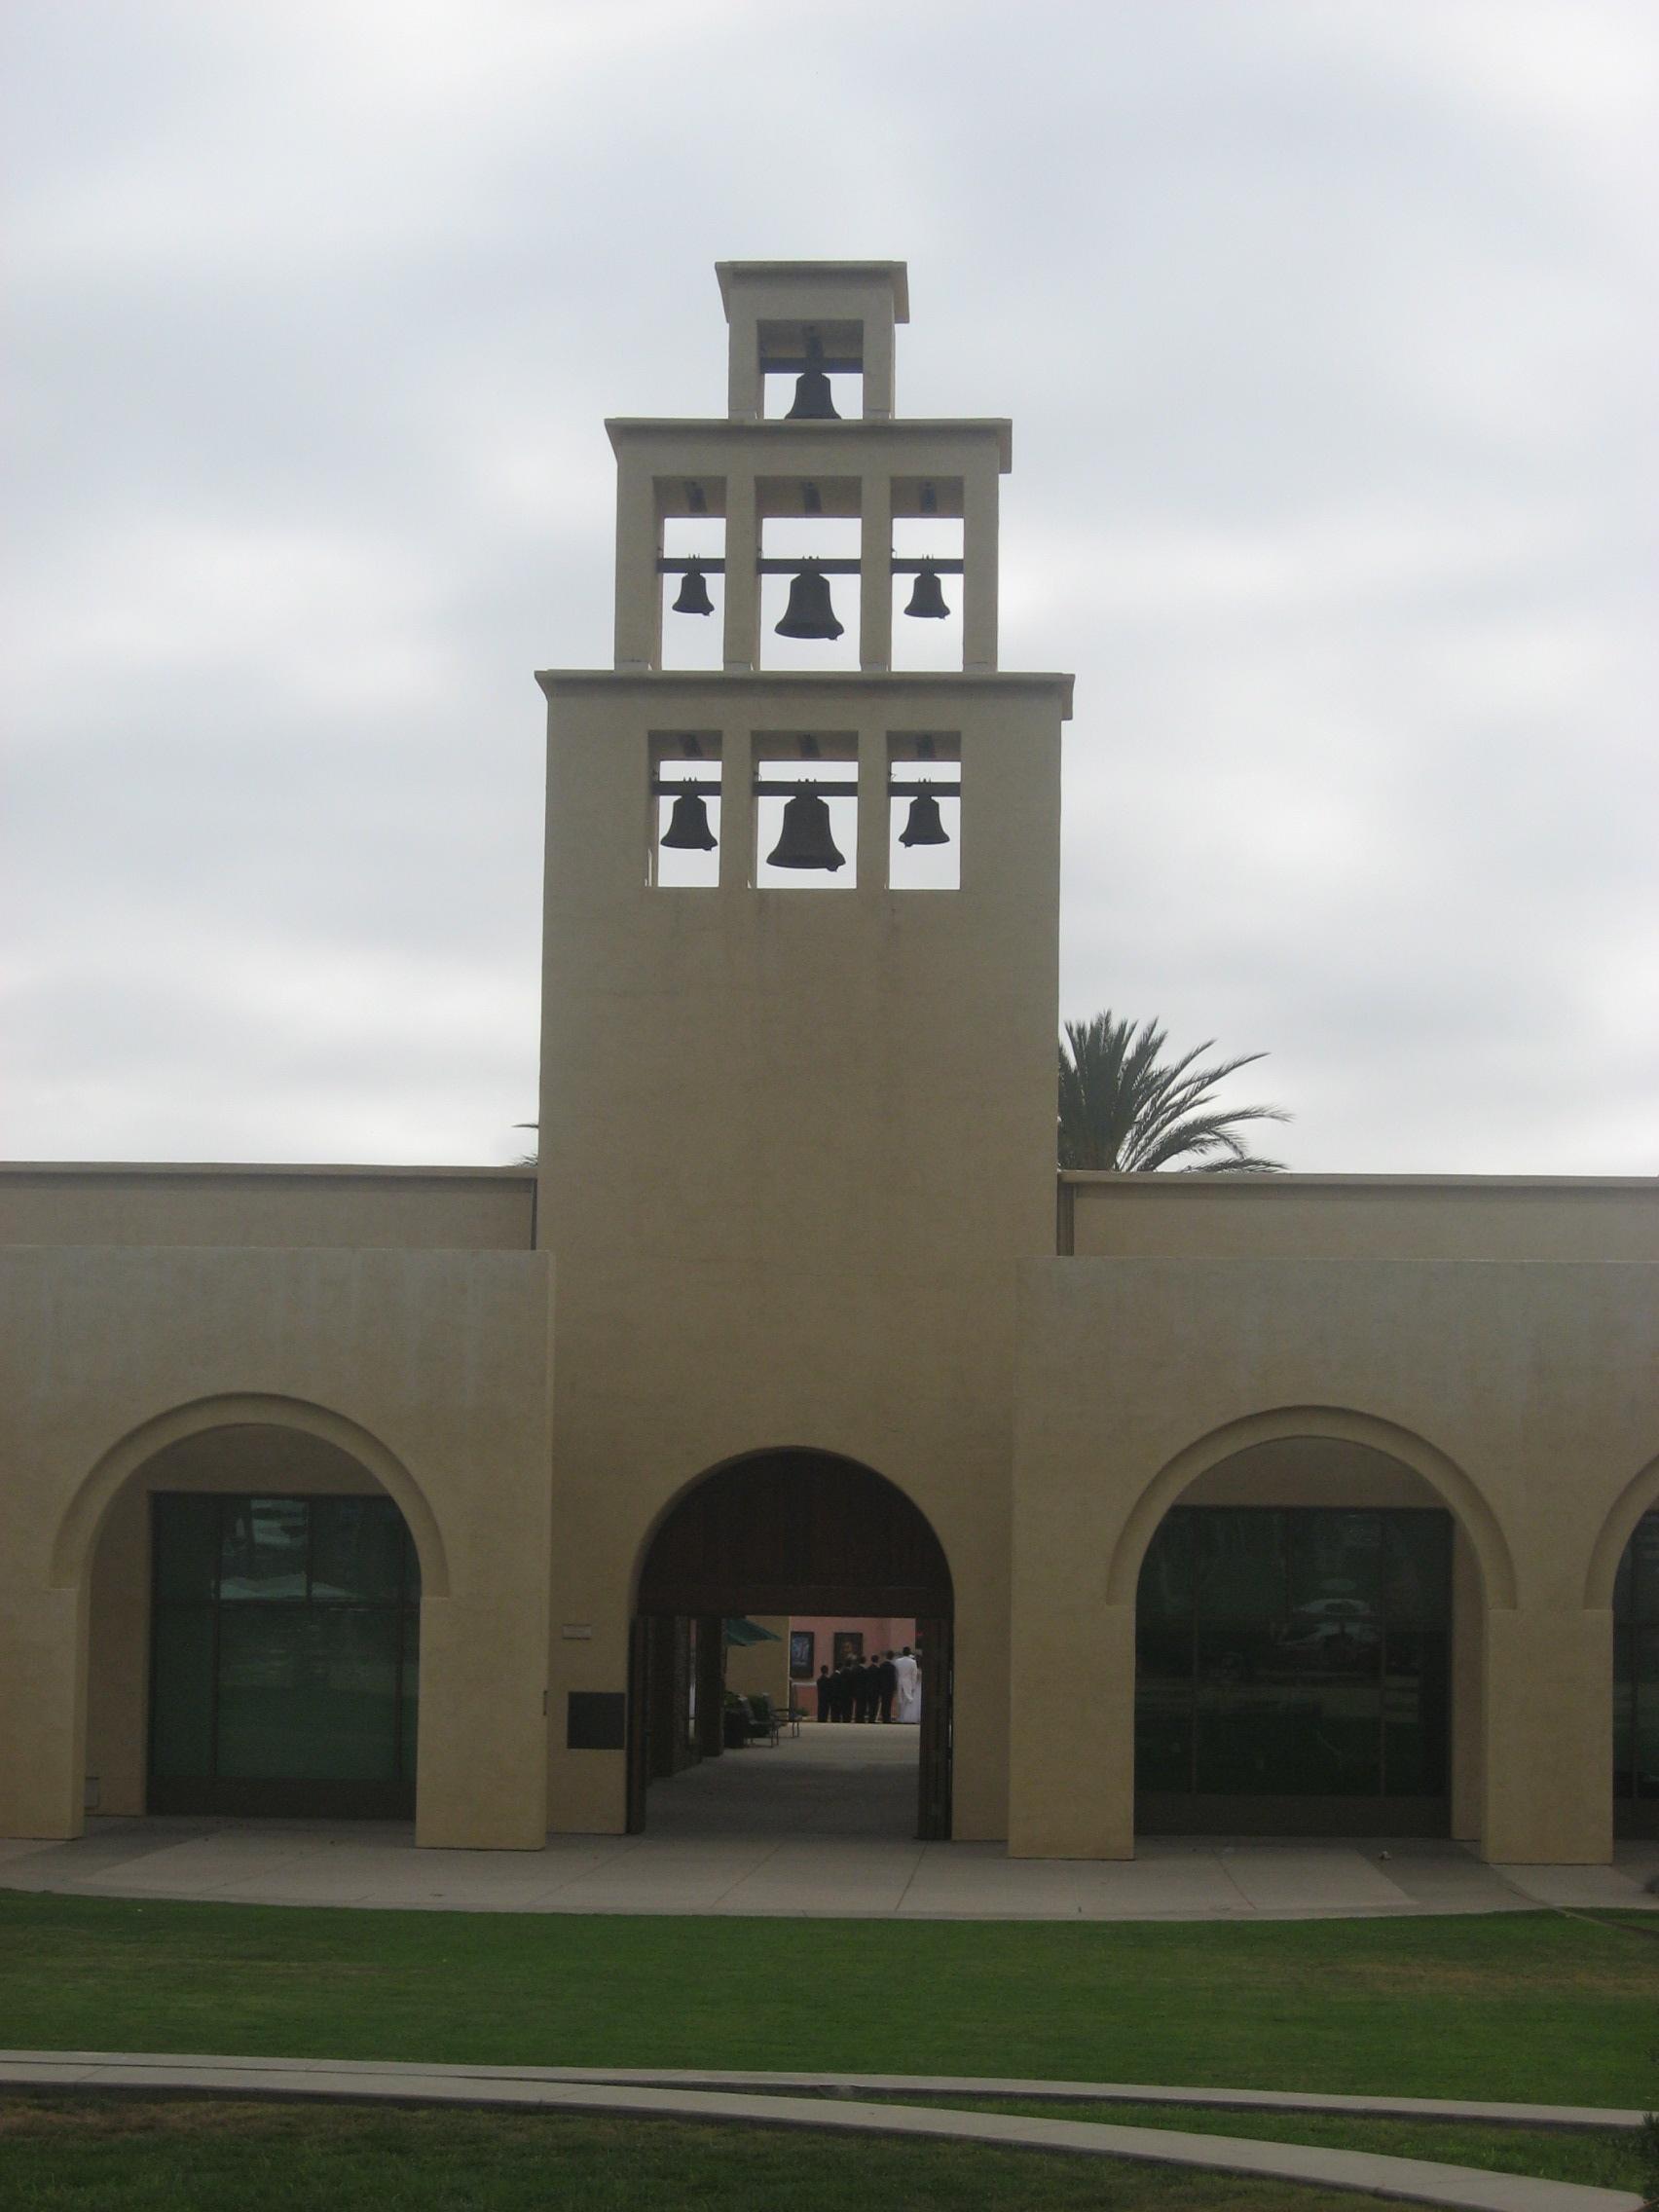 Bell Tower at Community Center - Rancho Santa Margarita, CA